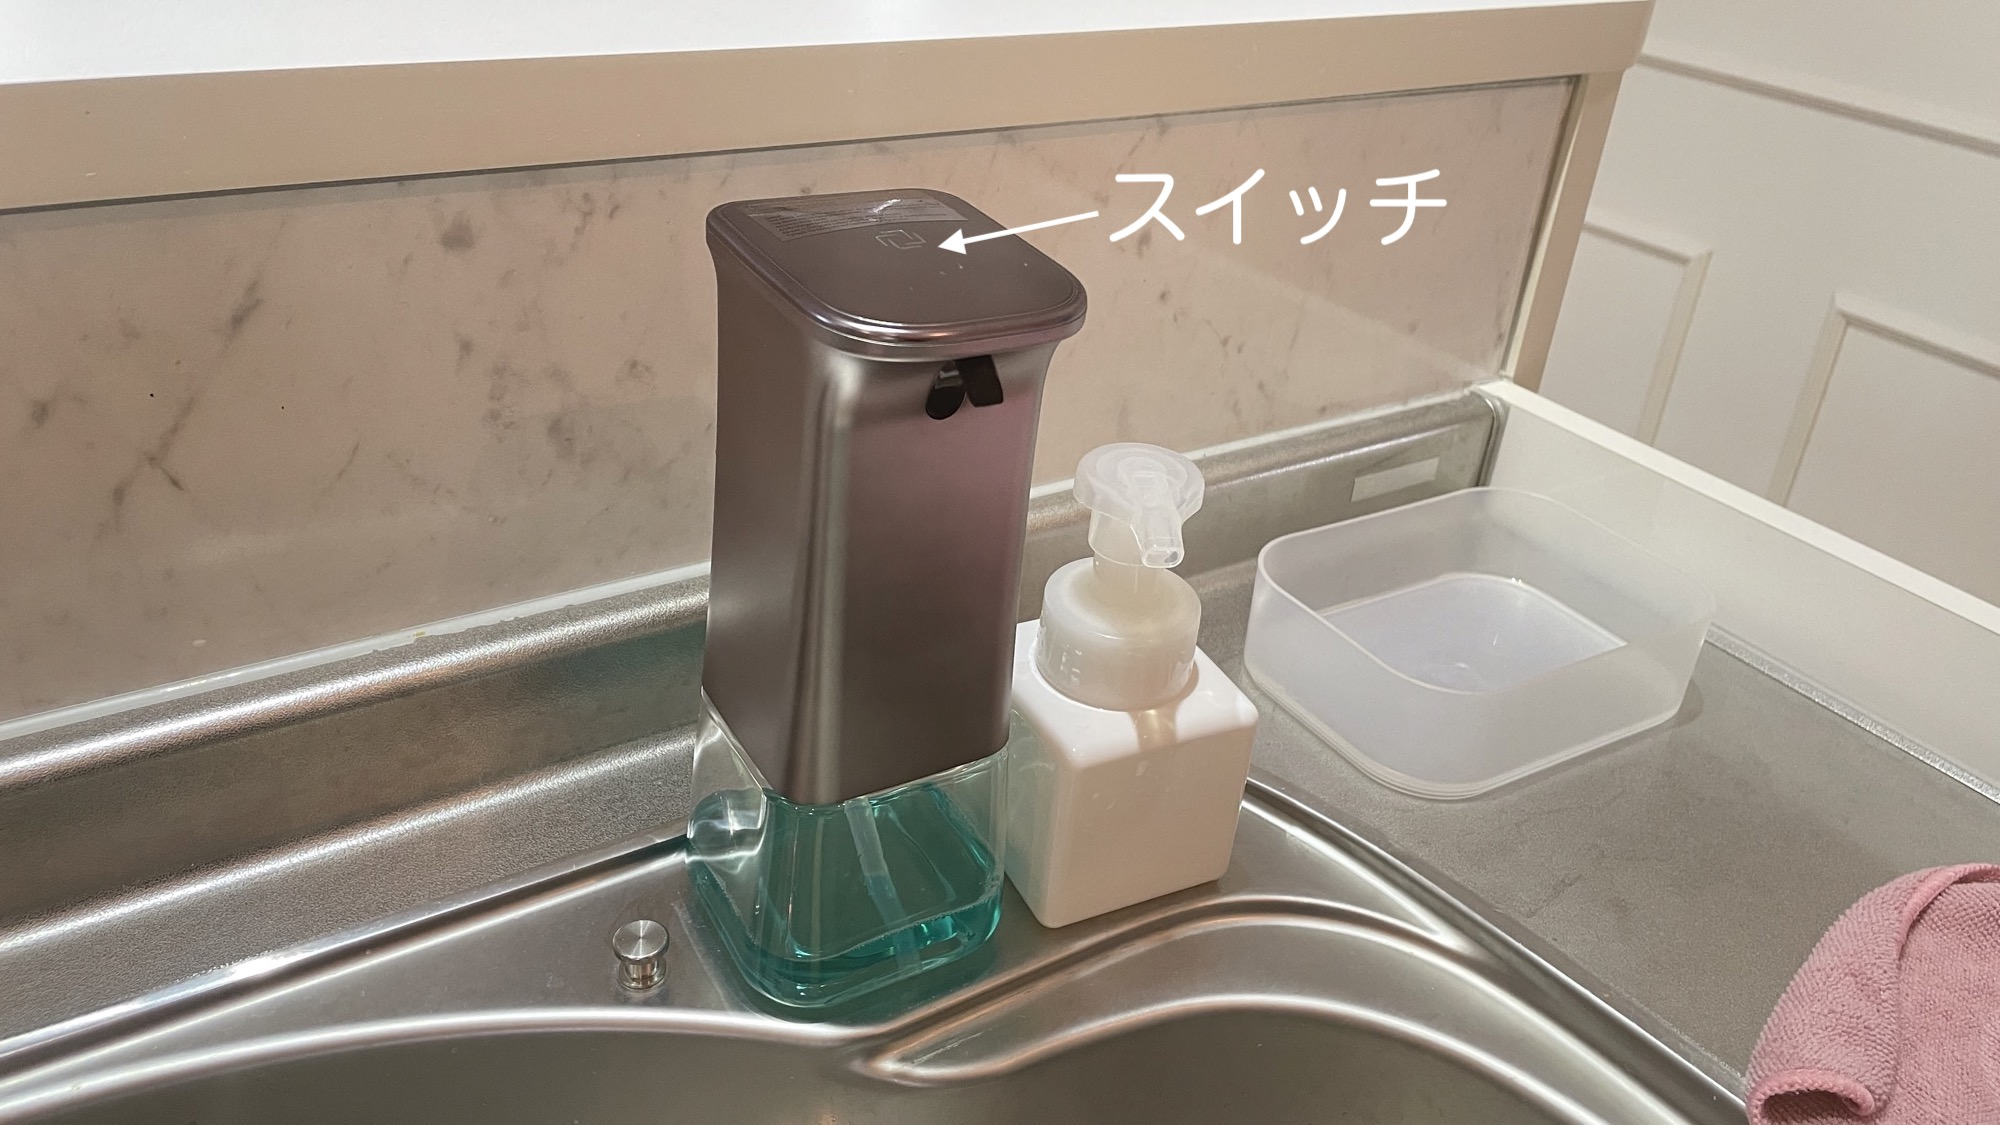 勢いがすごい!ー食器洗剤用の詰め替えボトルの液漏れ問題→ソープディスペンサーで解決